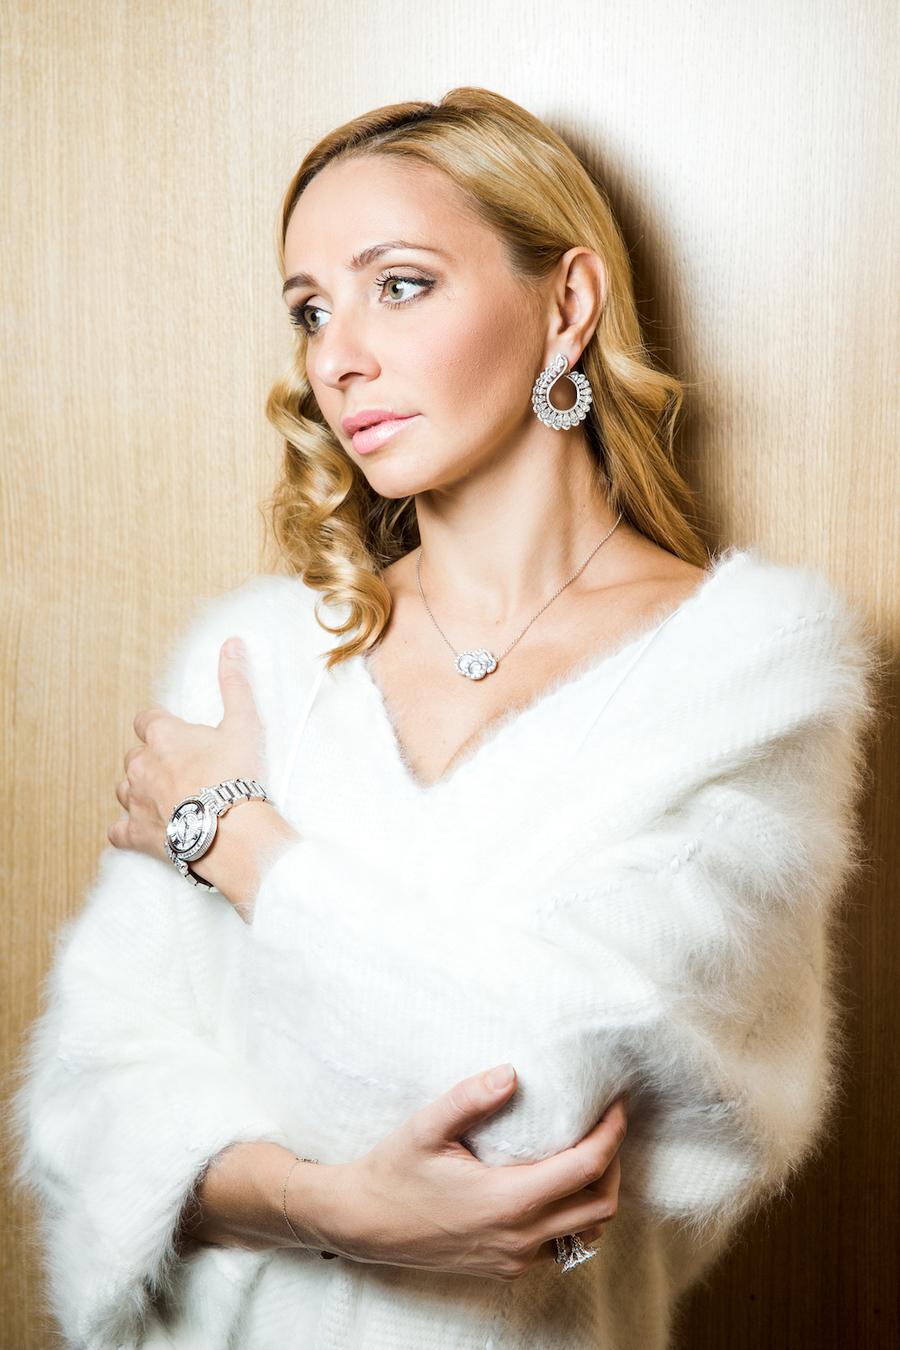 Татьяна Навка - официальный посол бренда Chopard 79789e0a8355